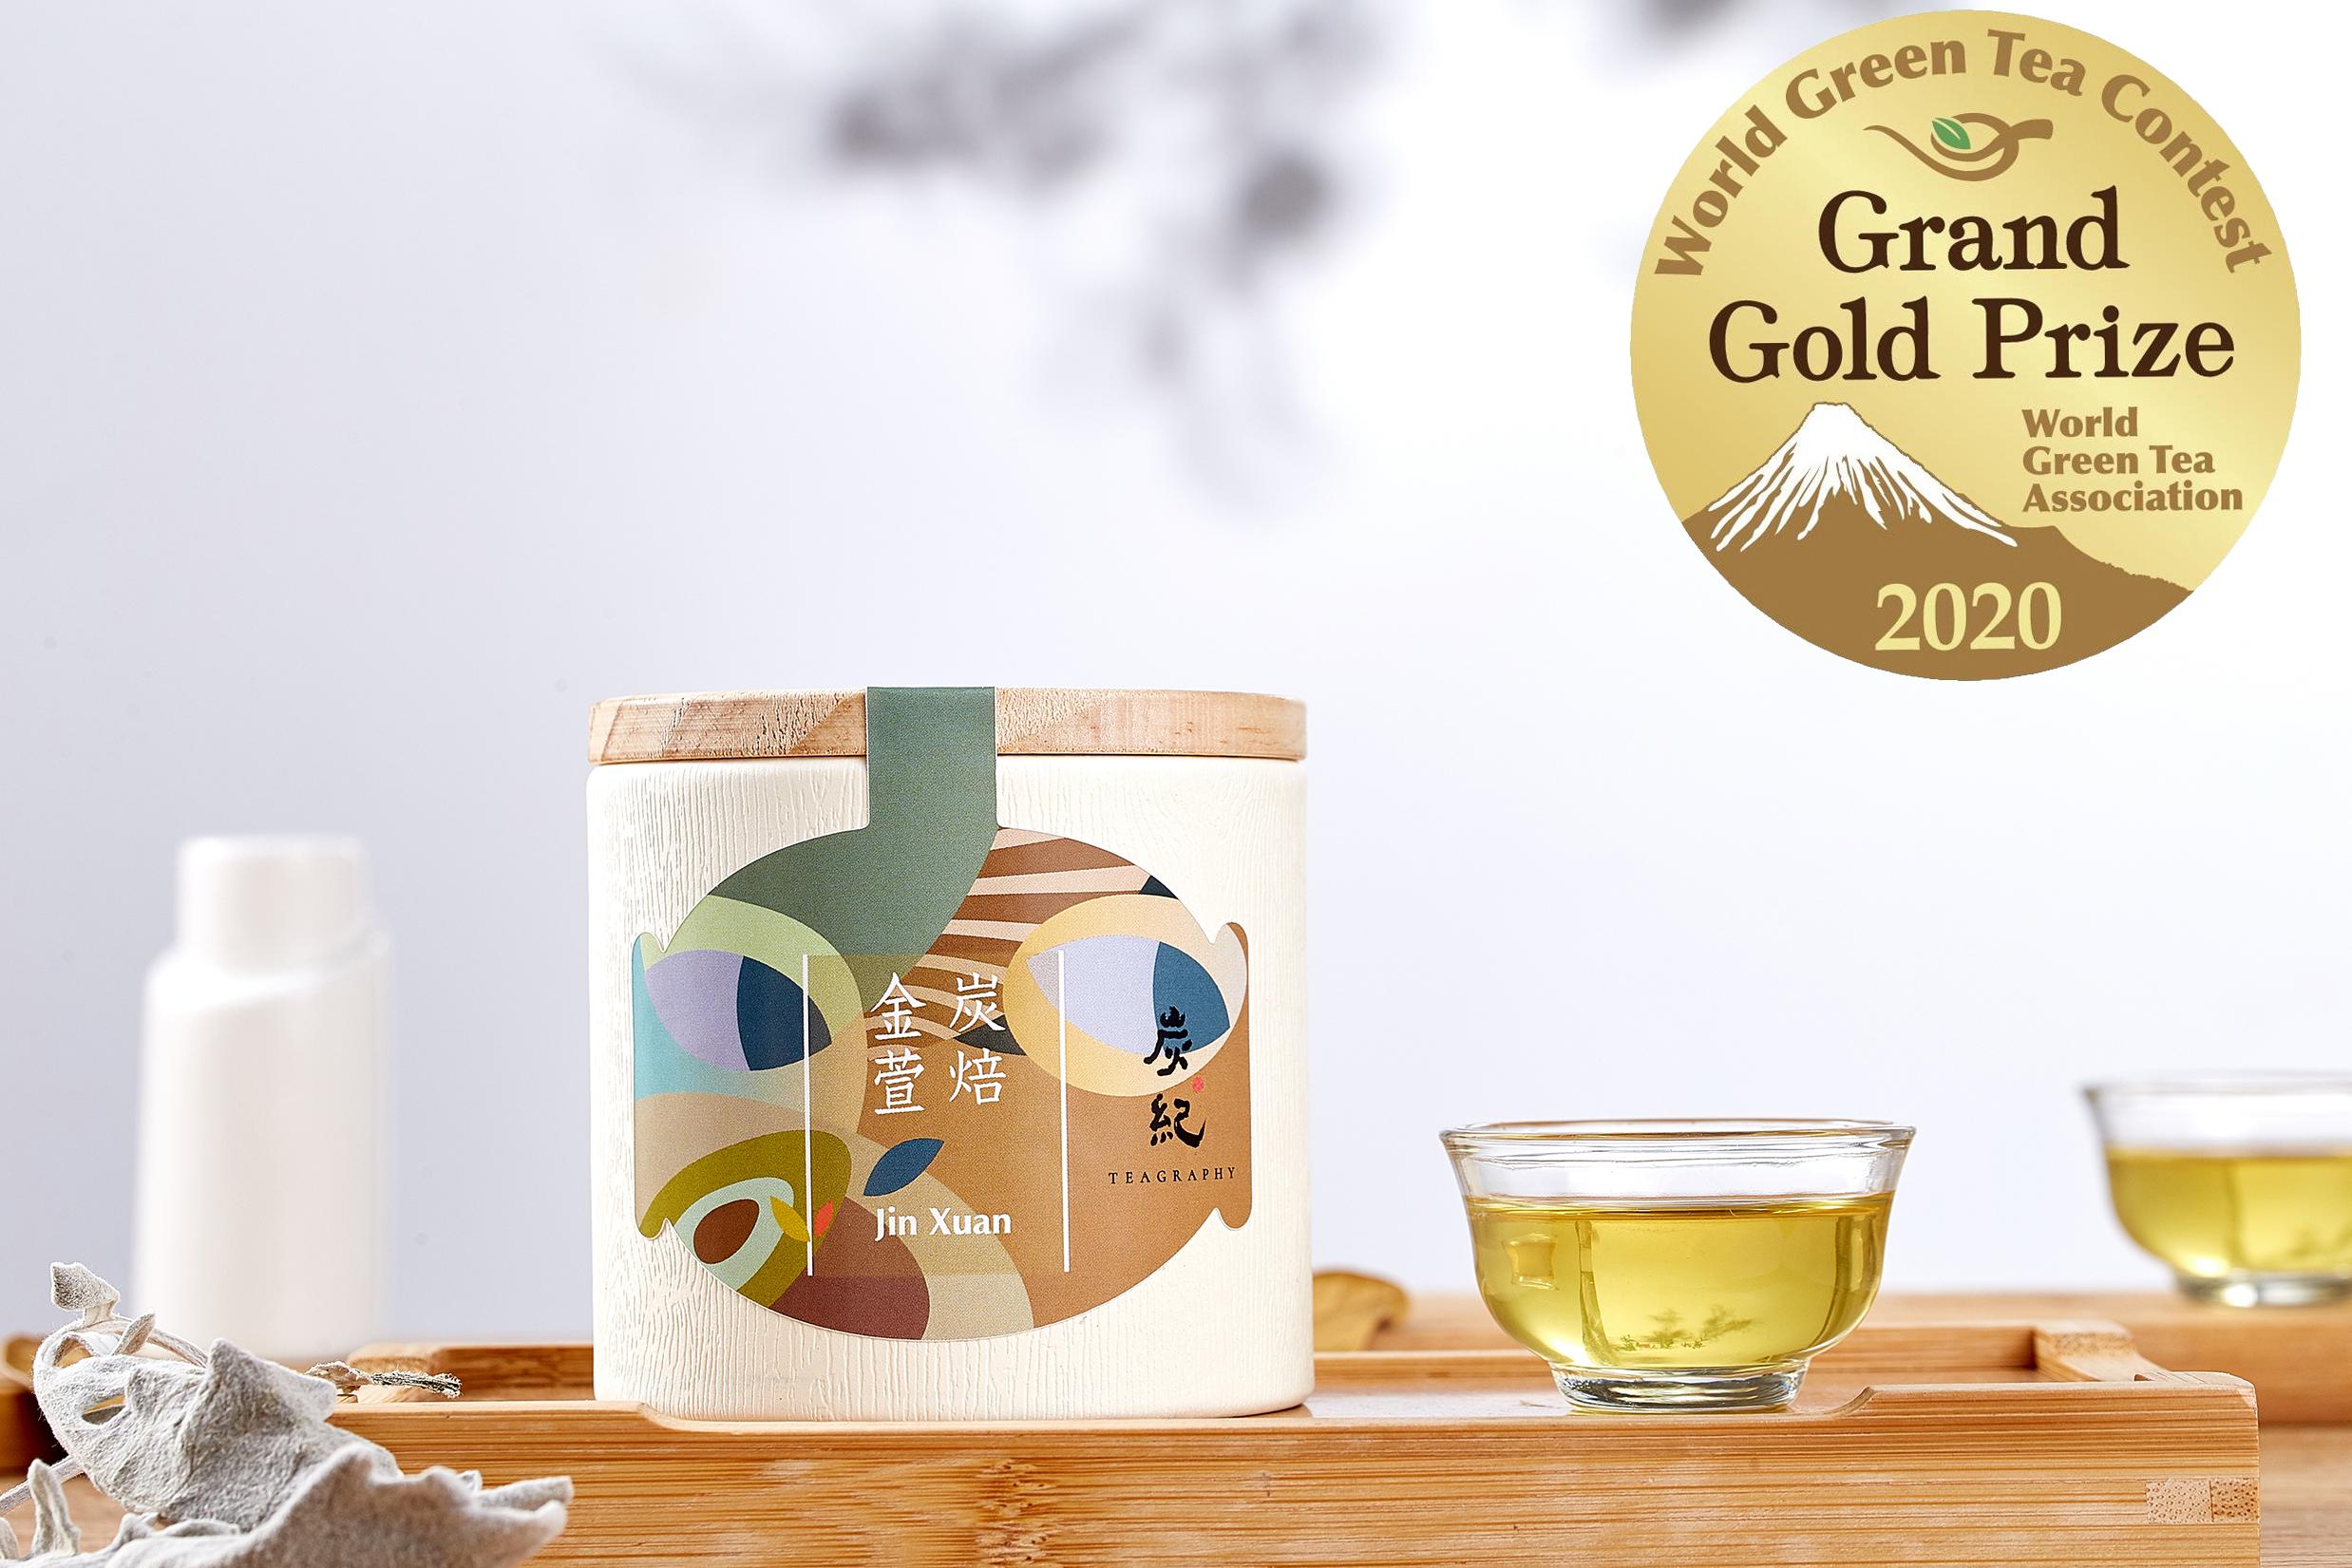 炭索四季茶敘-炭焙金萱(2020年日本.世界綠茶協會.最高金賞)